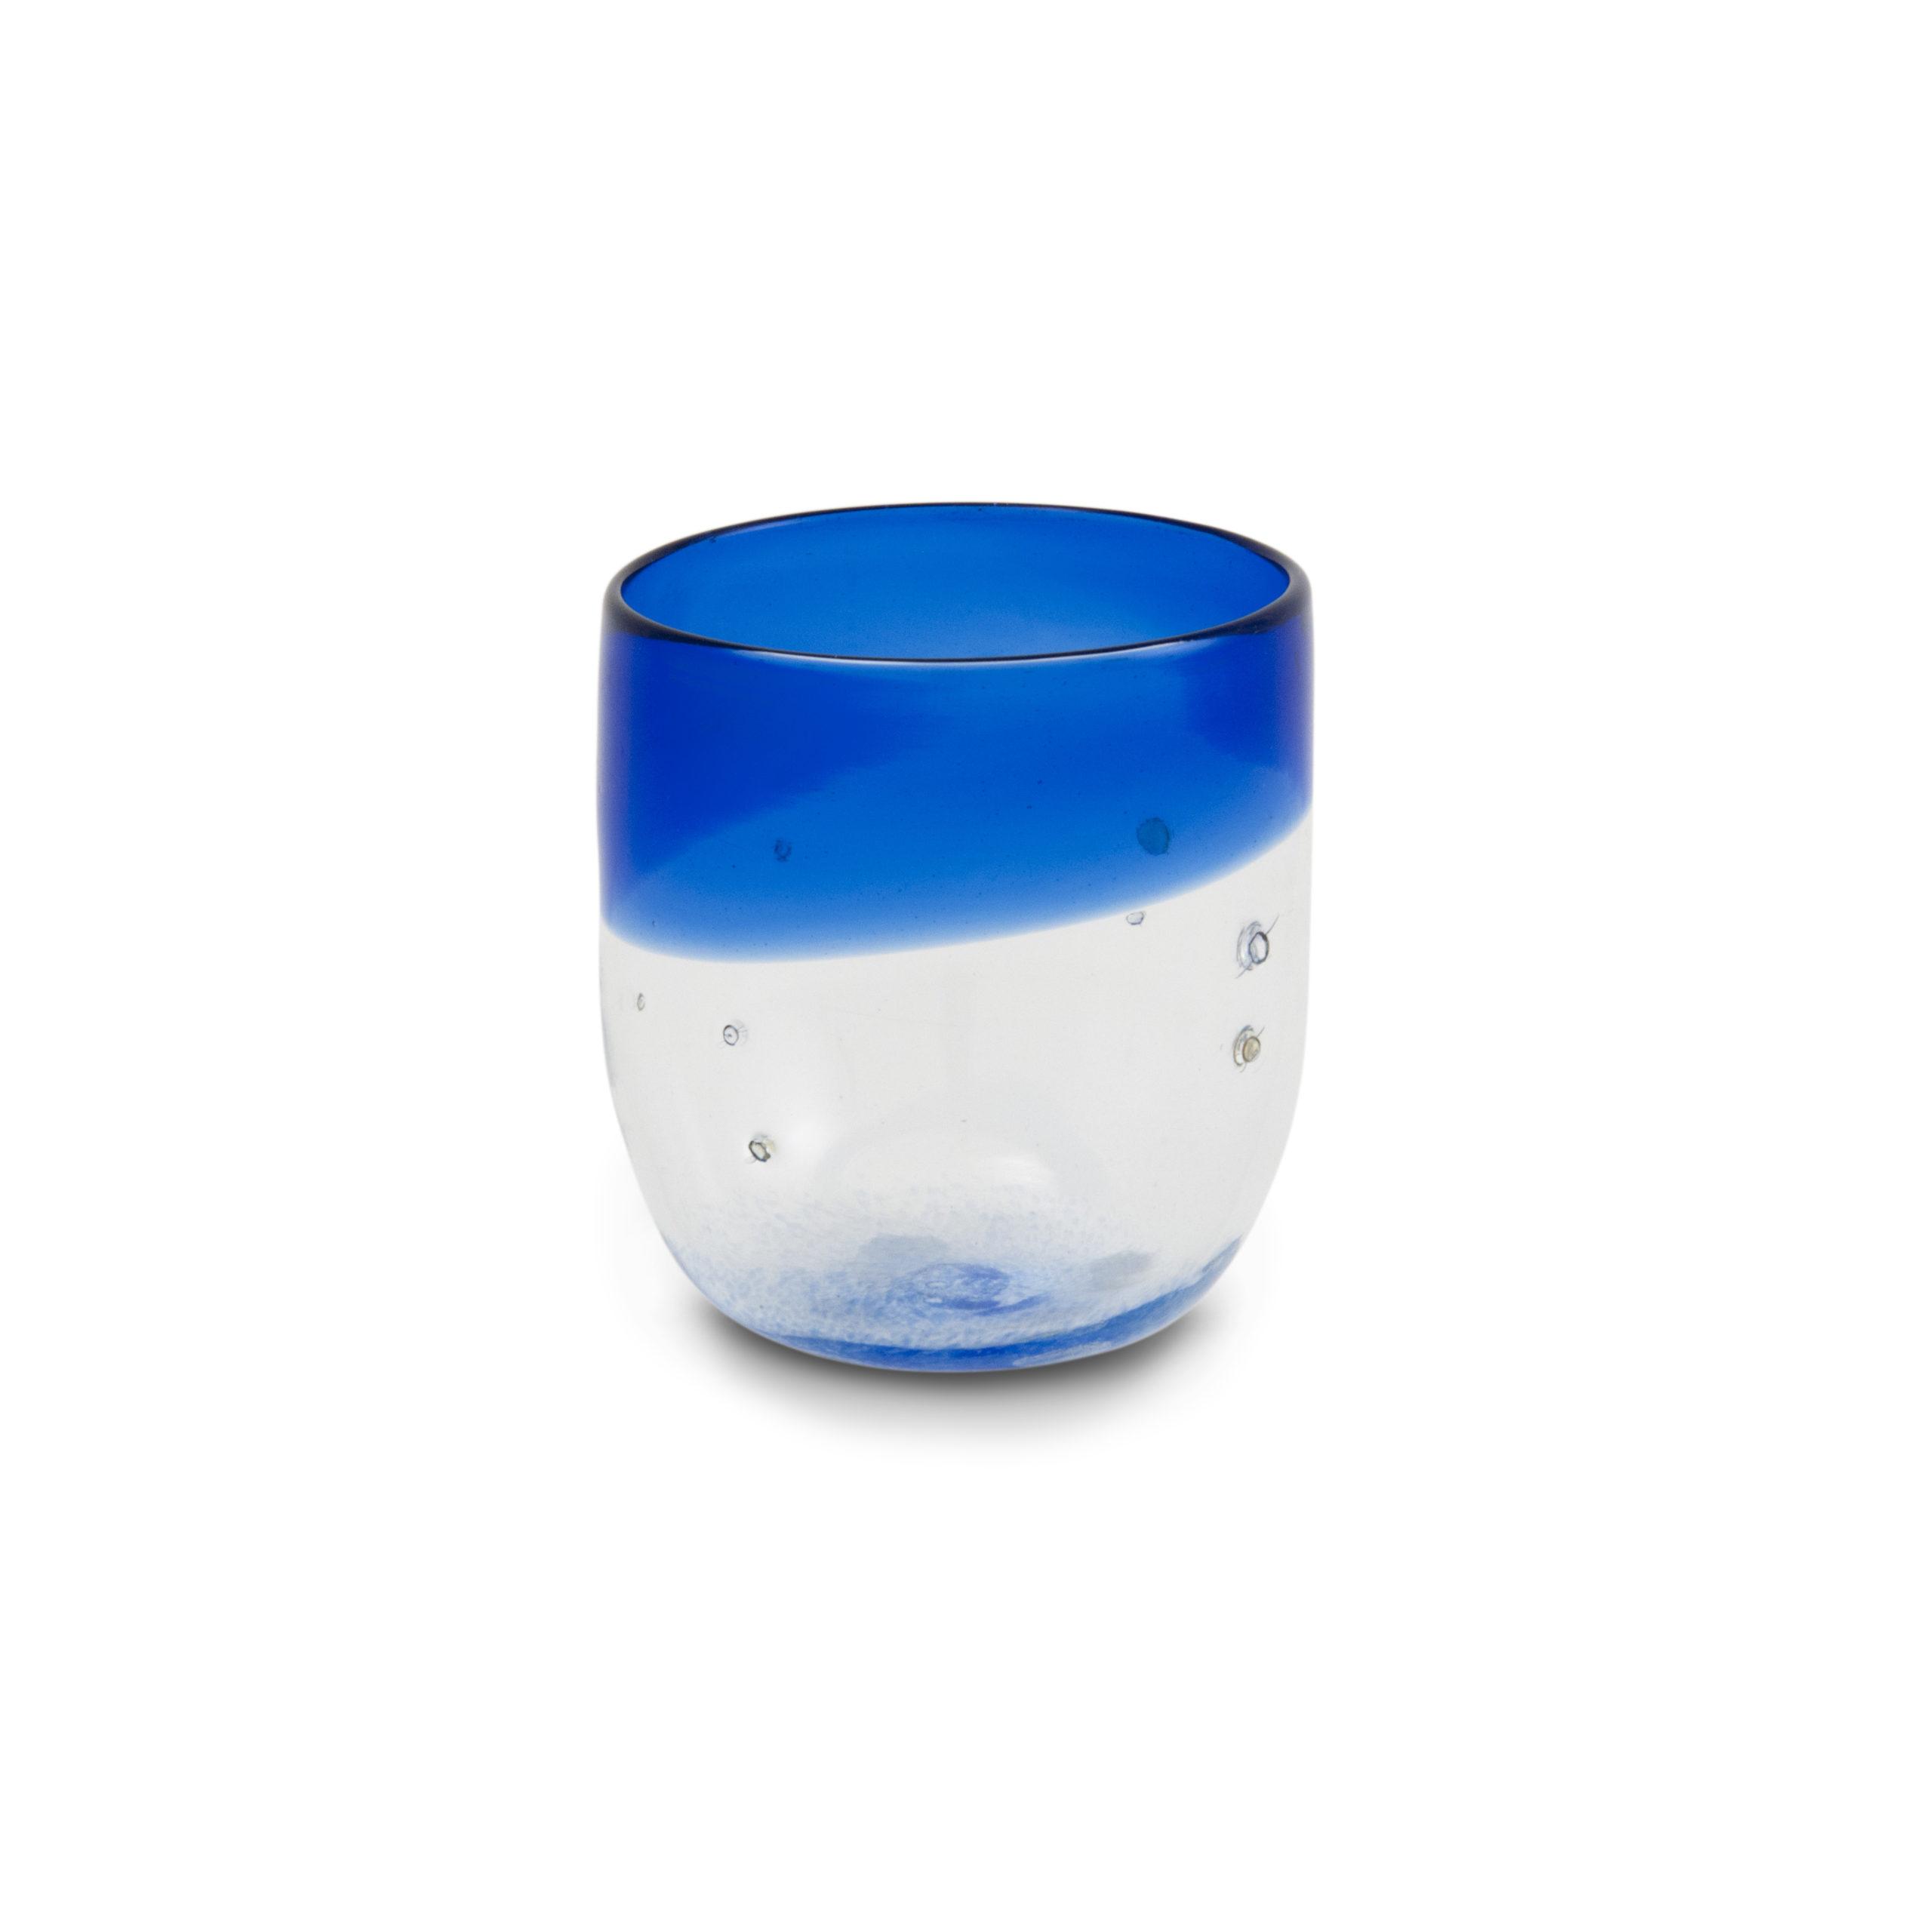 Bicchiere in vetro soffiato blu con pepite d'argento